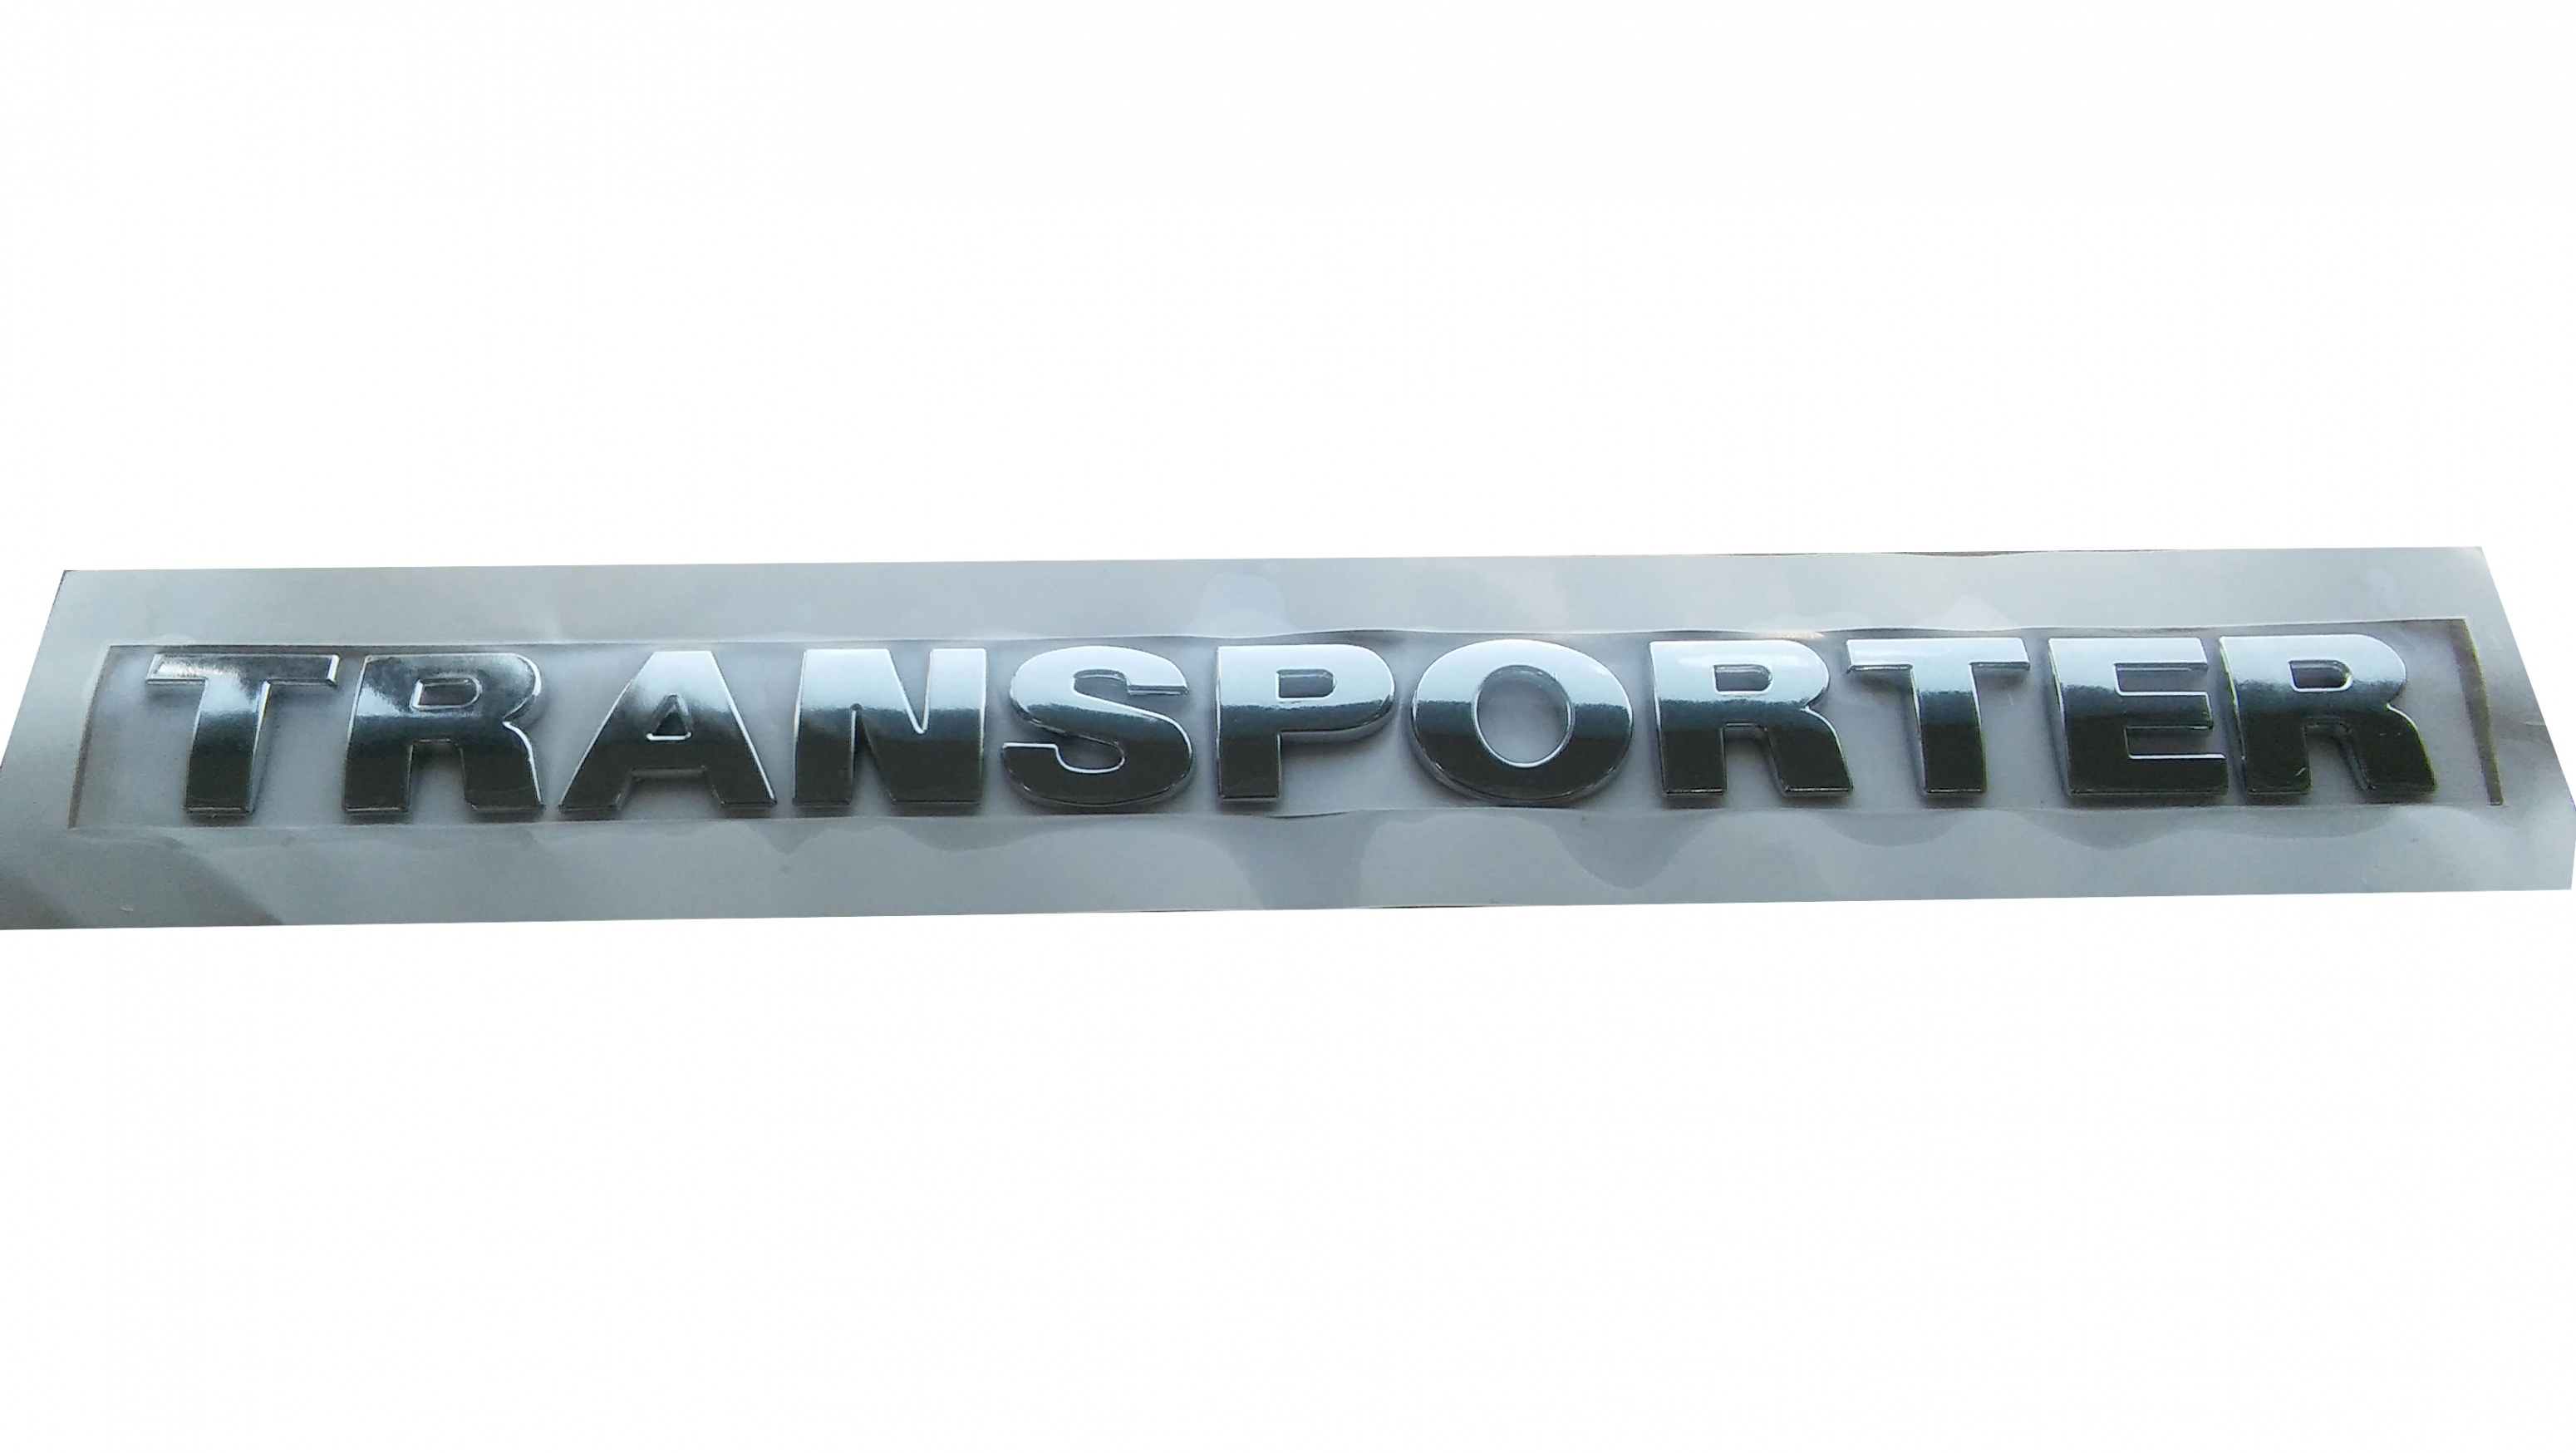 TRANSPORTER Yazı - Transporter T6